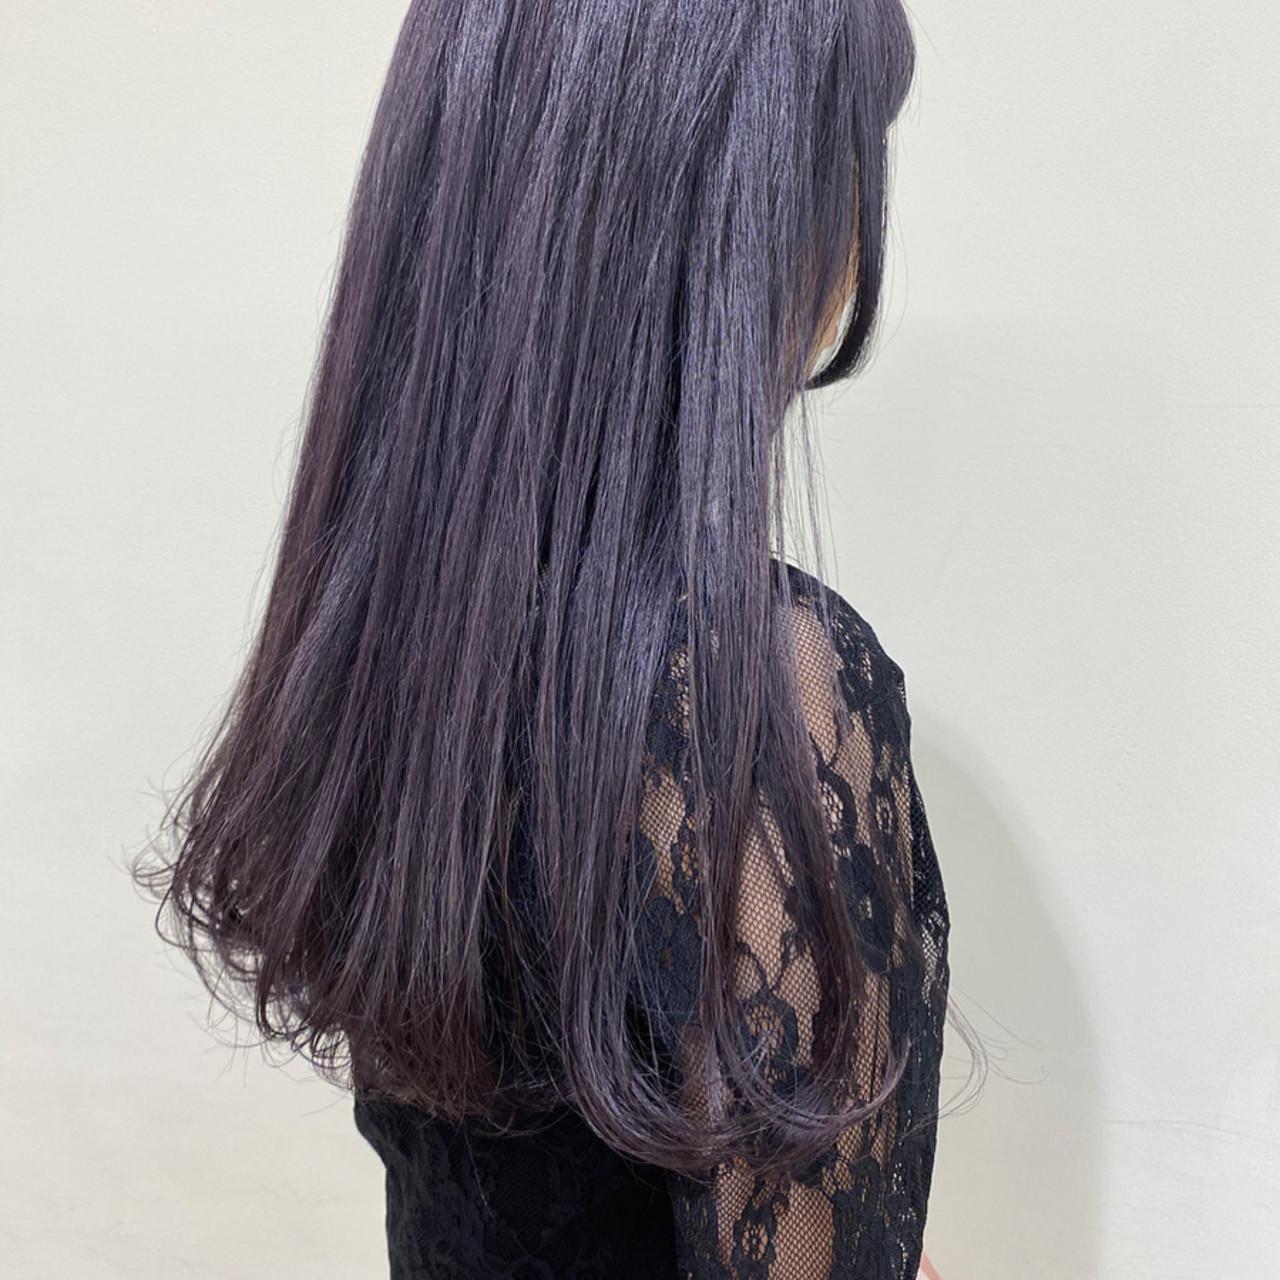 ワンカール ロング バイオレットアッシュ ガーリー ヘアスタイルや髪型の写真・画像